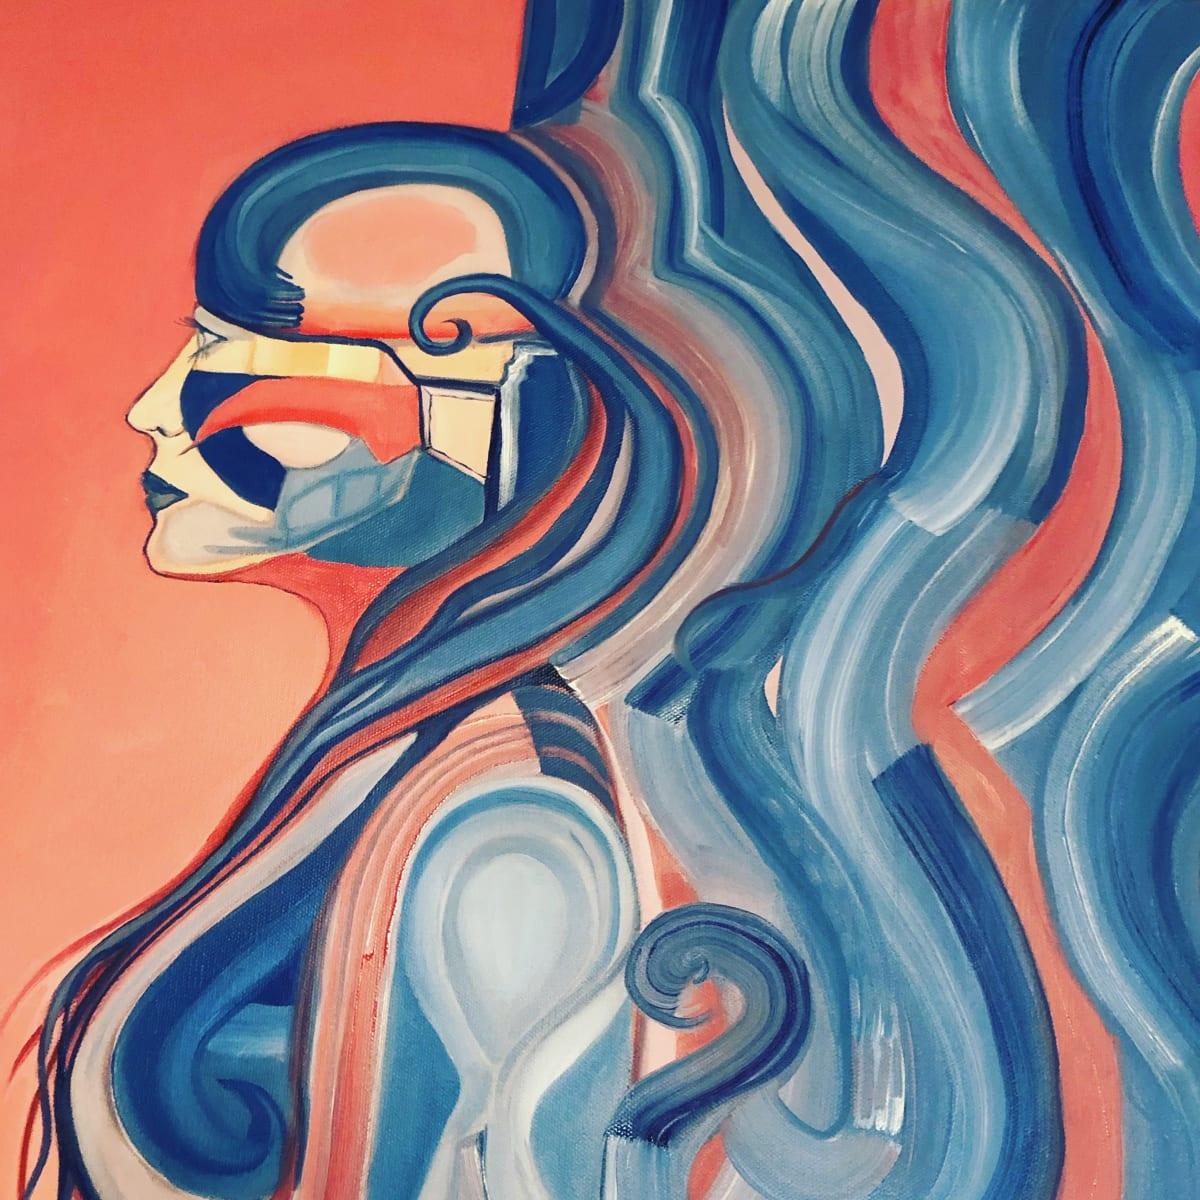 Robo Girl by Judith Estrada Garcia